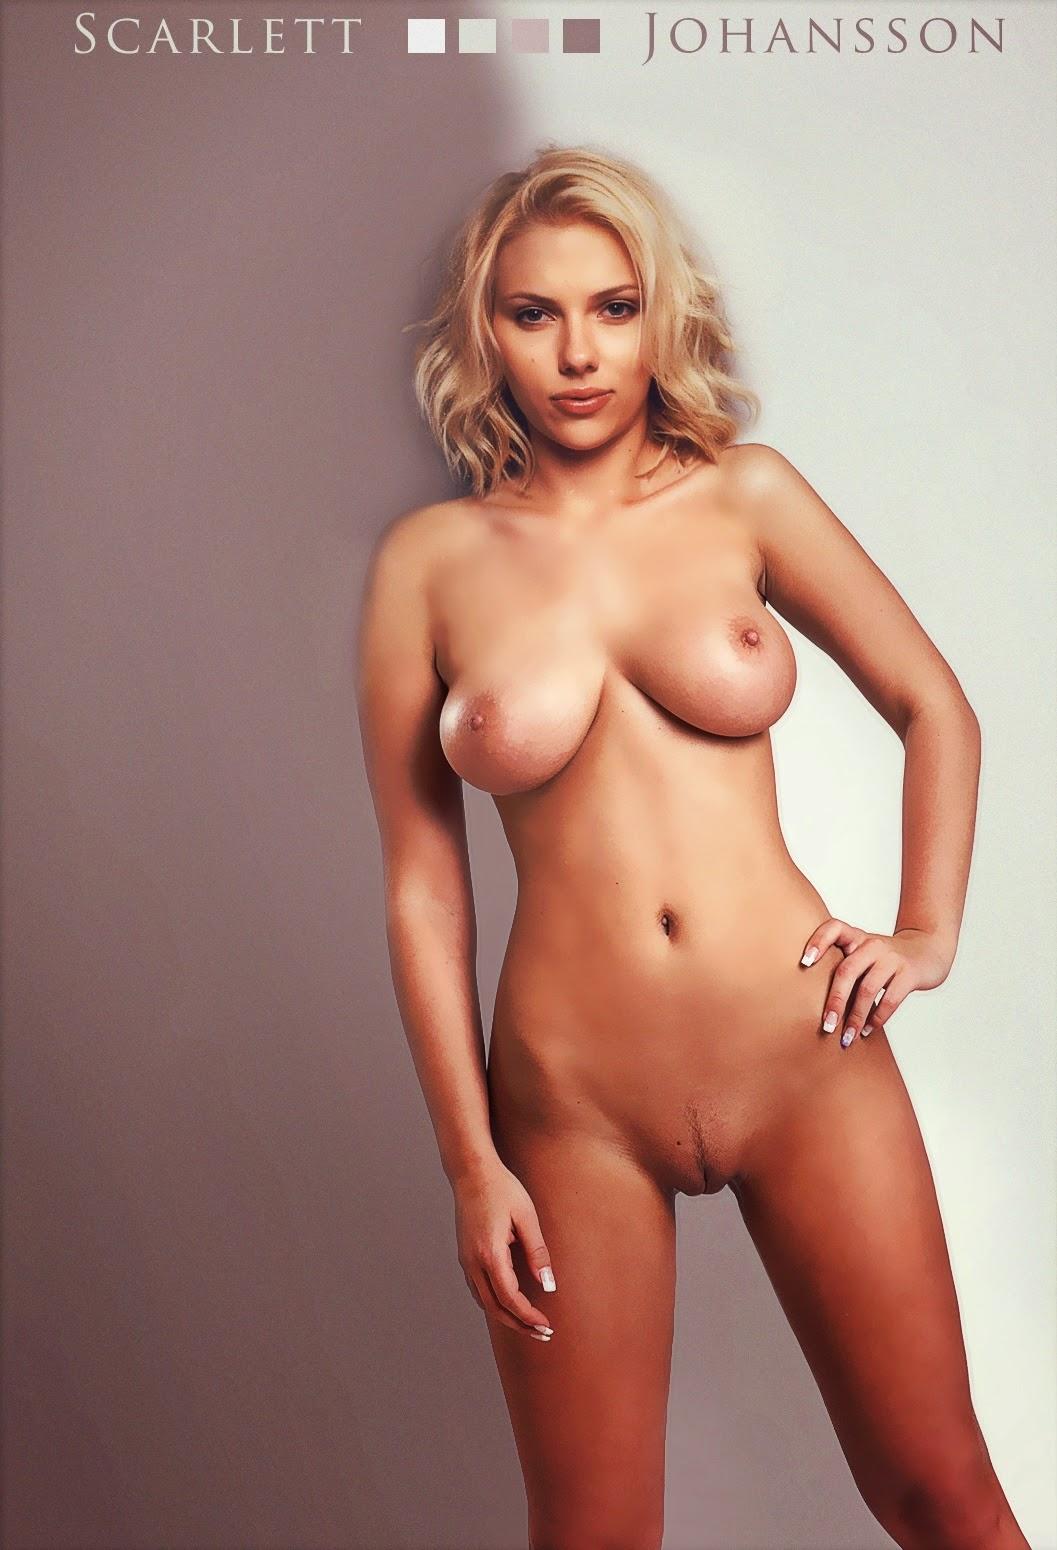 Scarlett johansson naked topless